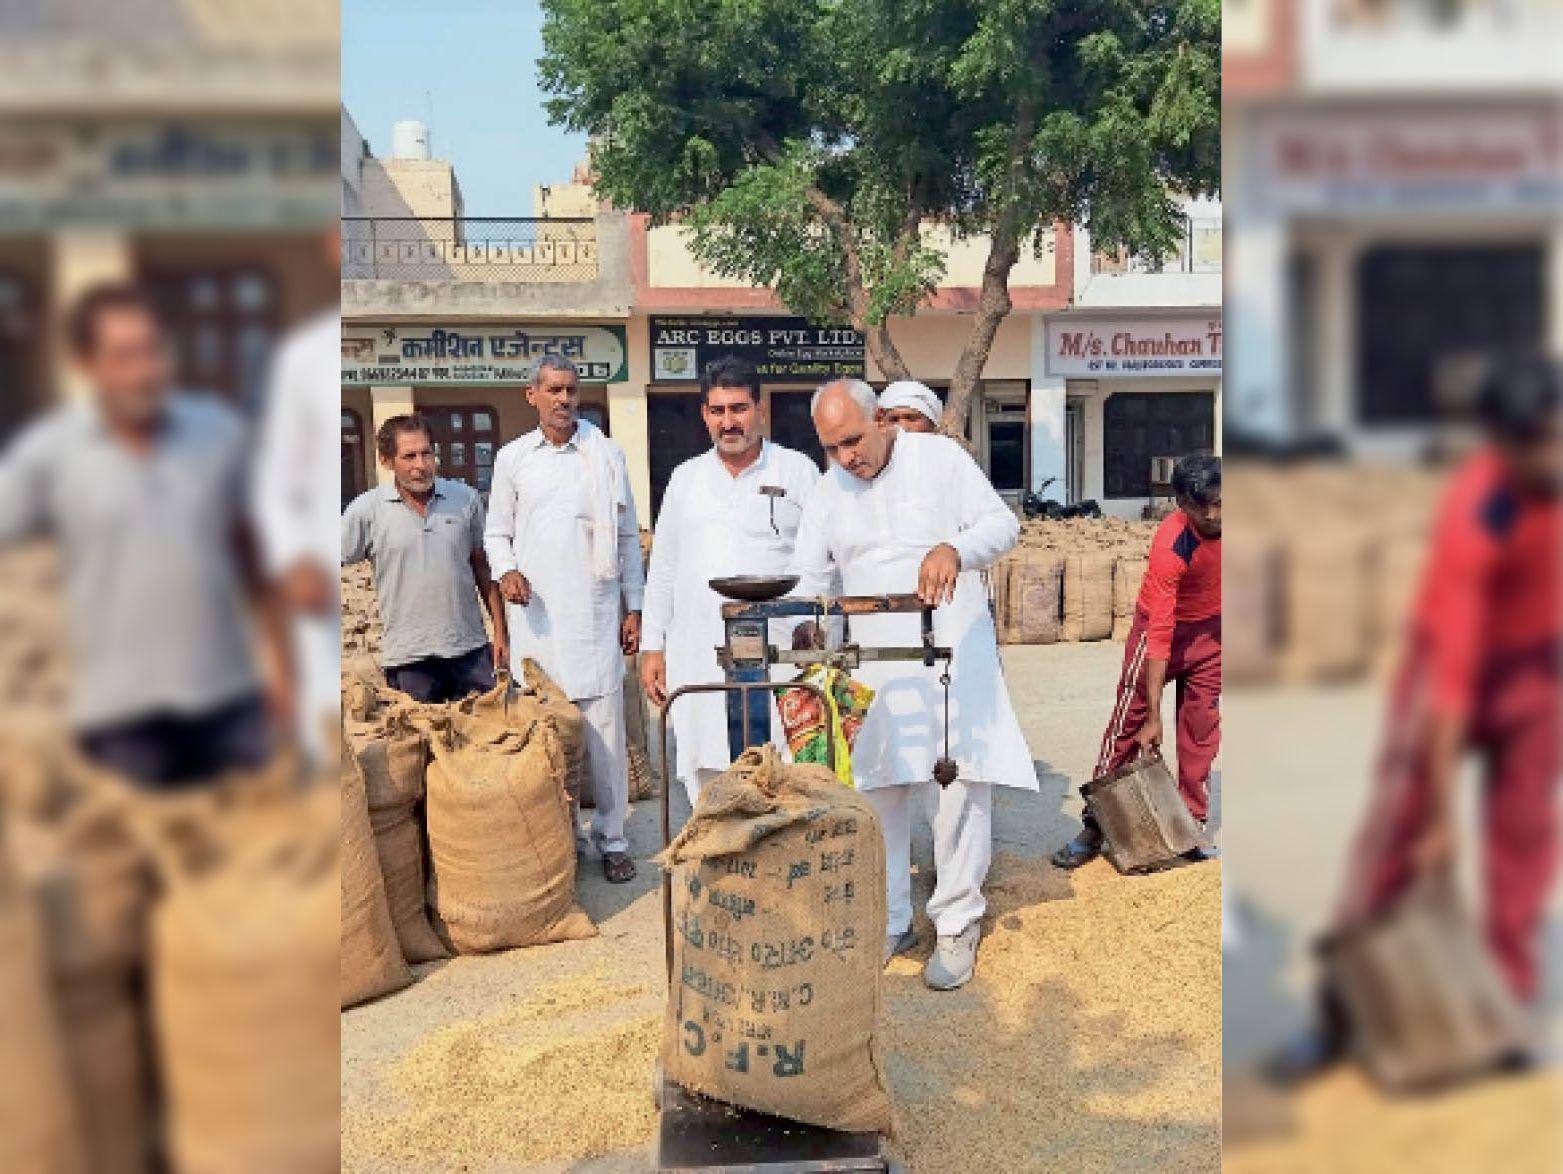 कुंजपुरा अनाजमंडी के निरीक्षण में धान की बोरियों का जांचा वजन, गड़बड़ करने वालों पर हो कार्रवाई करनाल,Karnal - Dainik Bhaskar